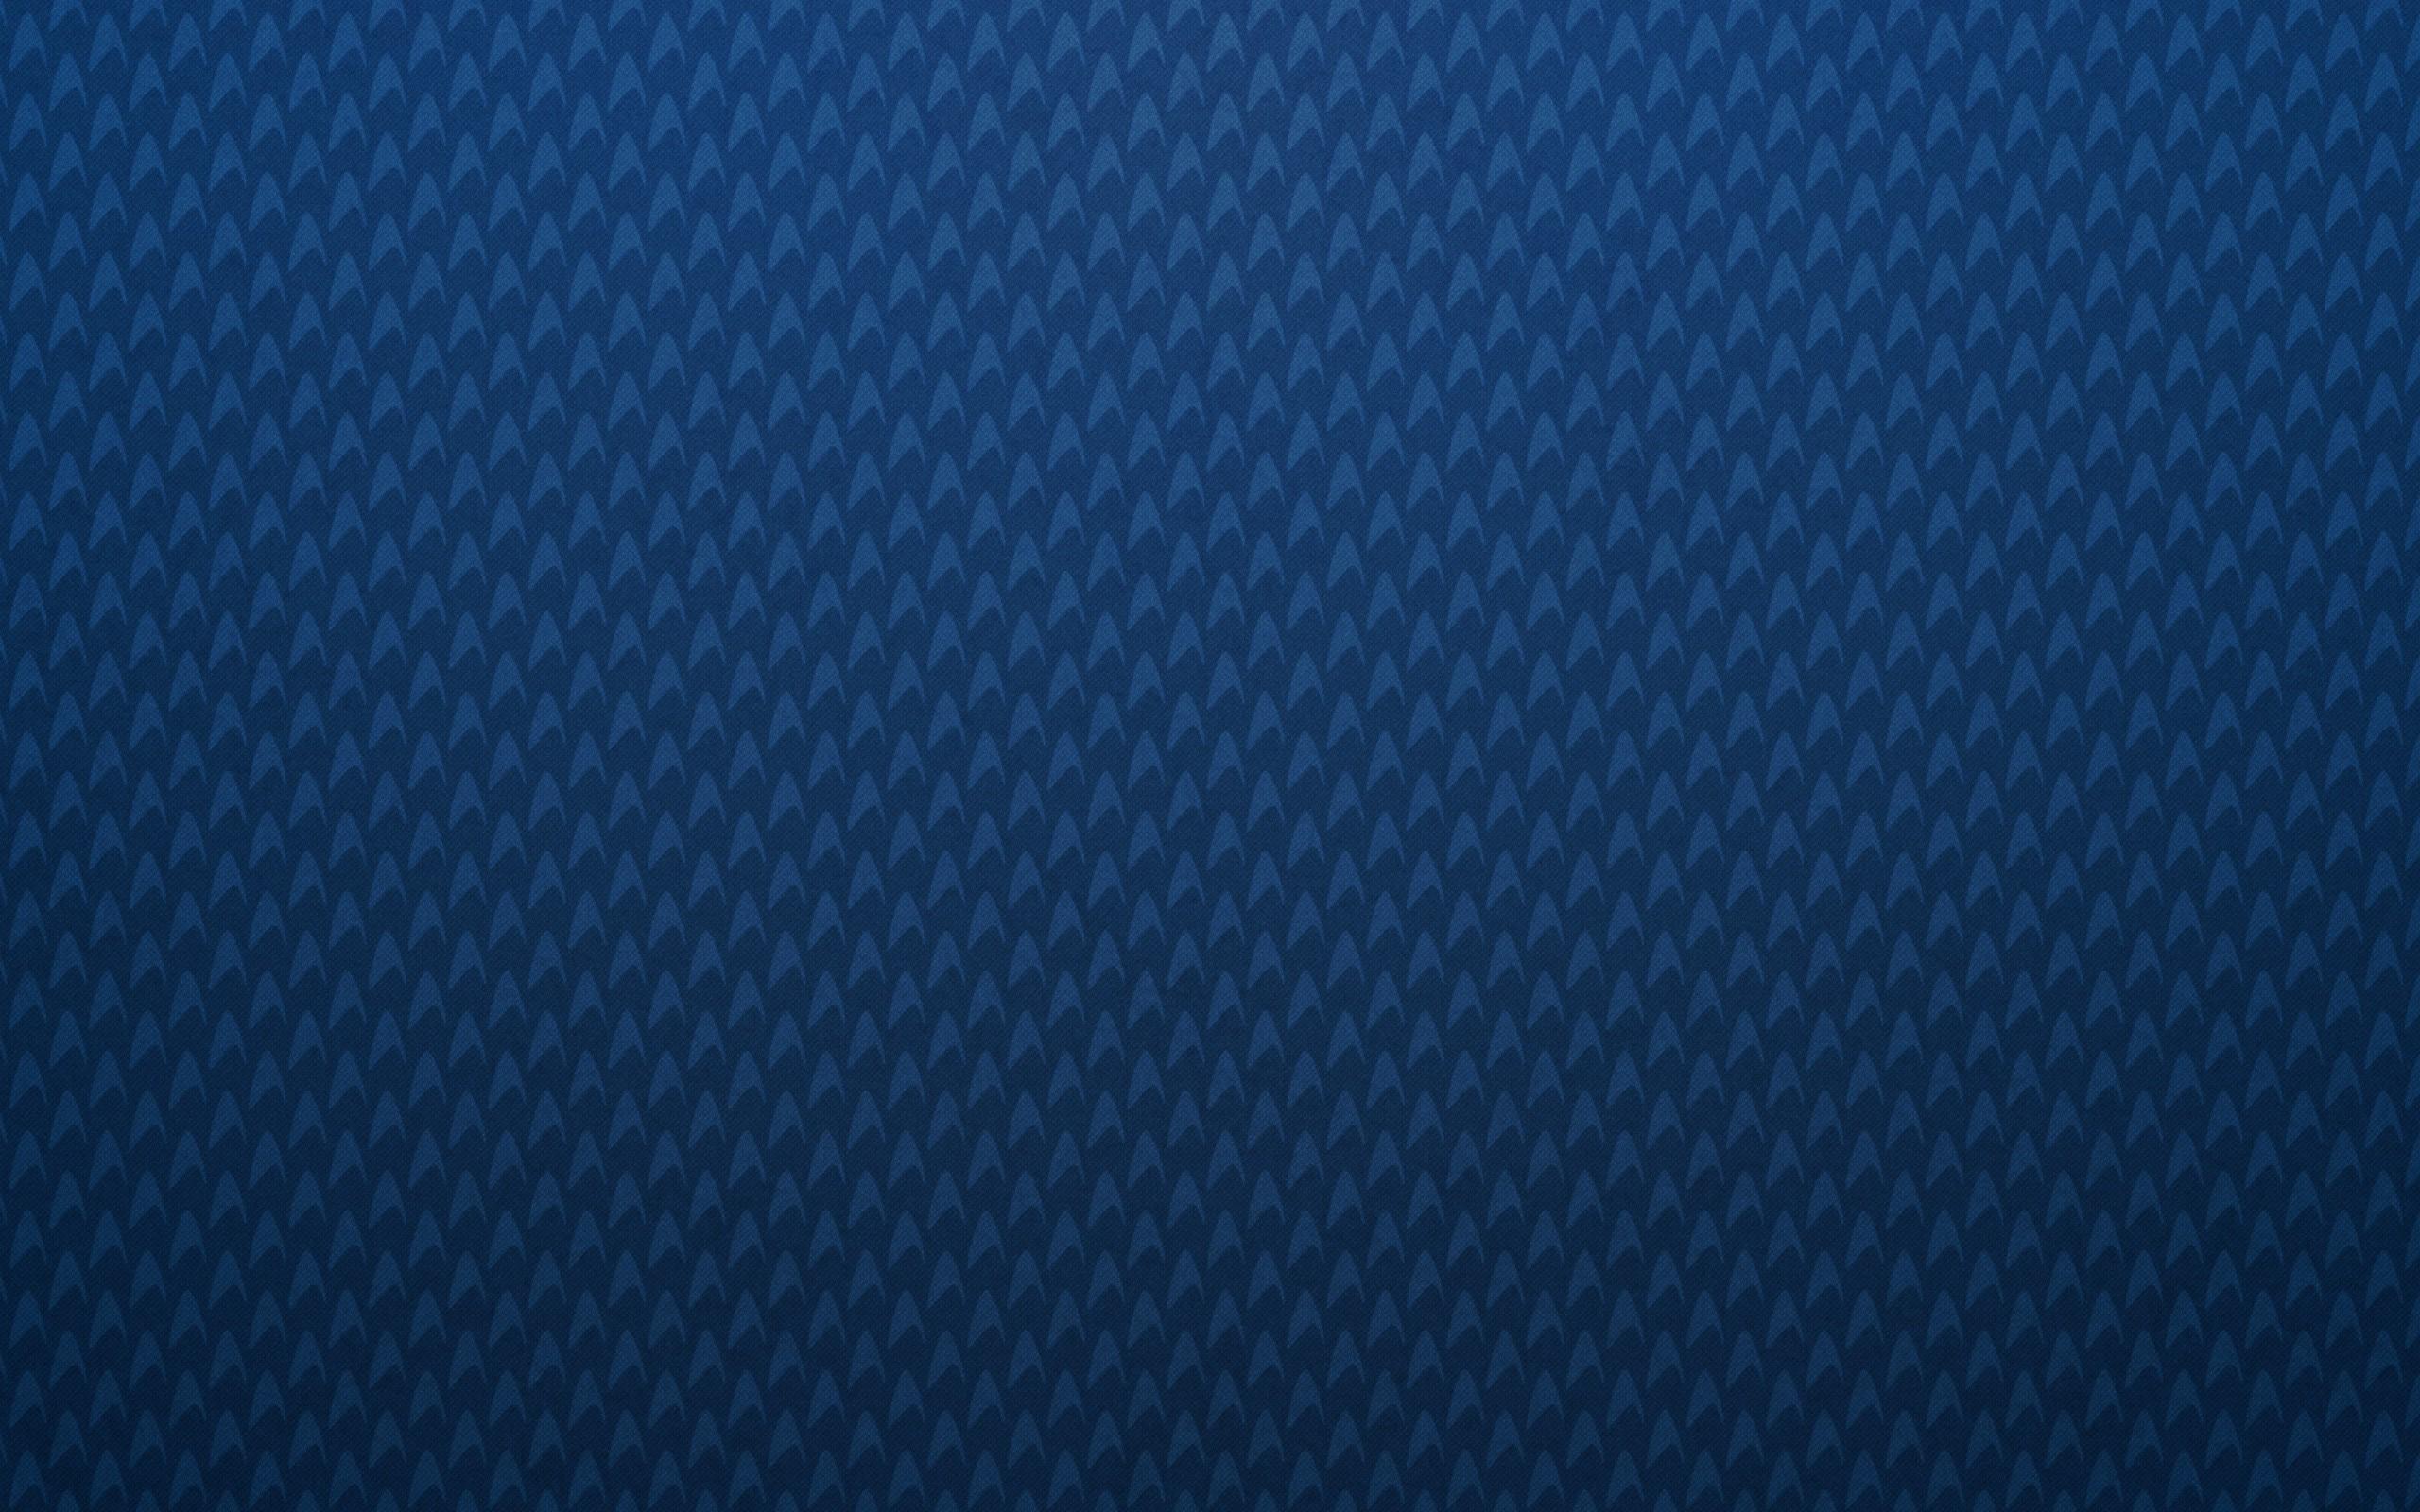 … Trek pattern HD Wallpaper 2560×1600